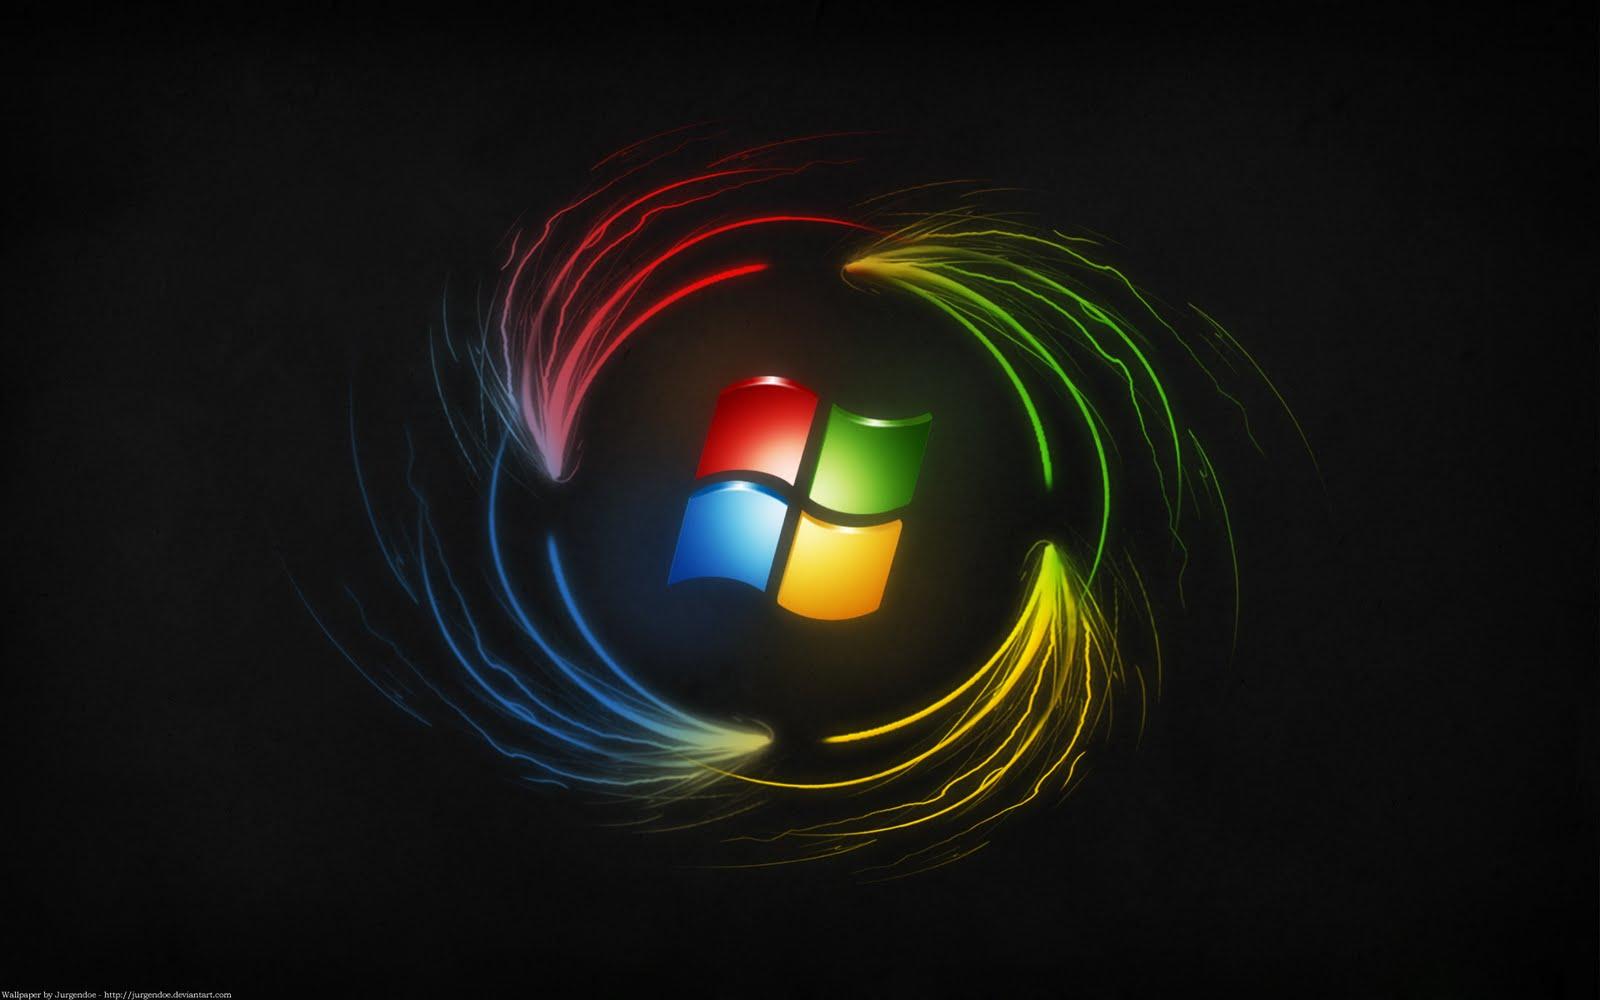 window 8 wallpaper | windows wallpaper free | windows 8 ...